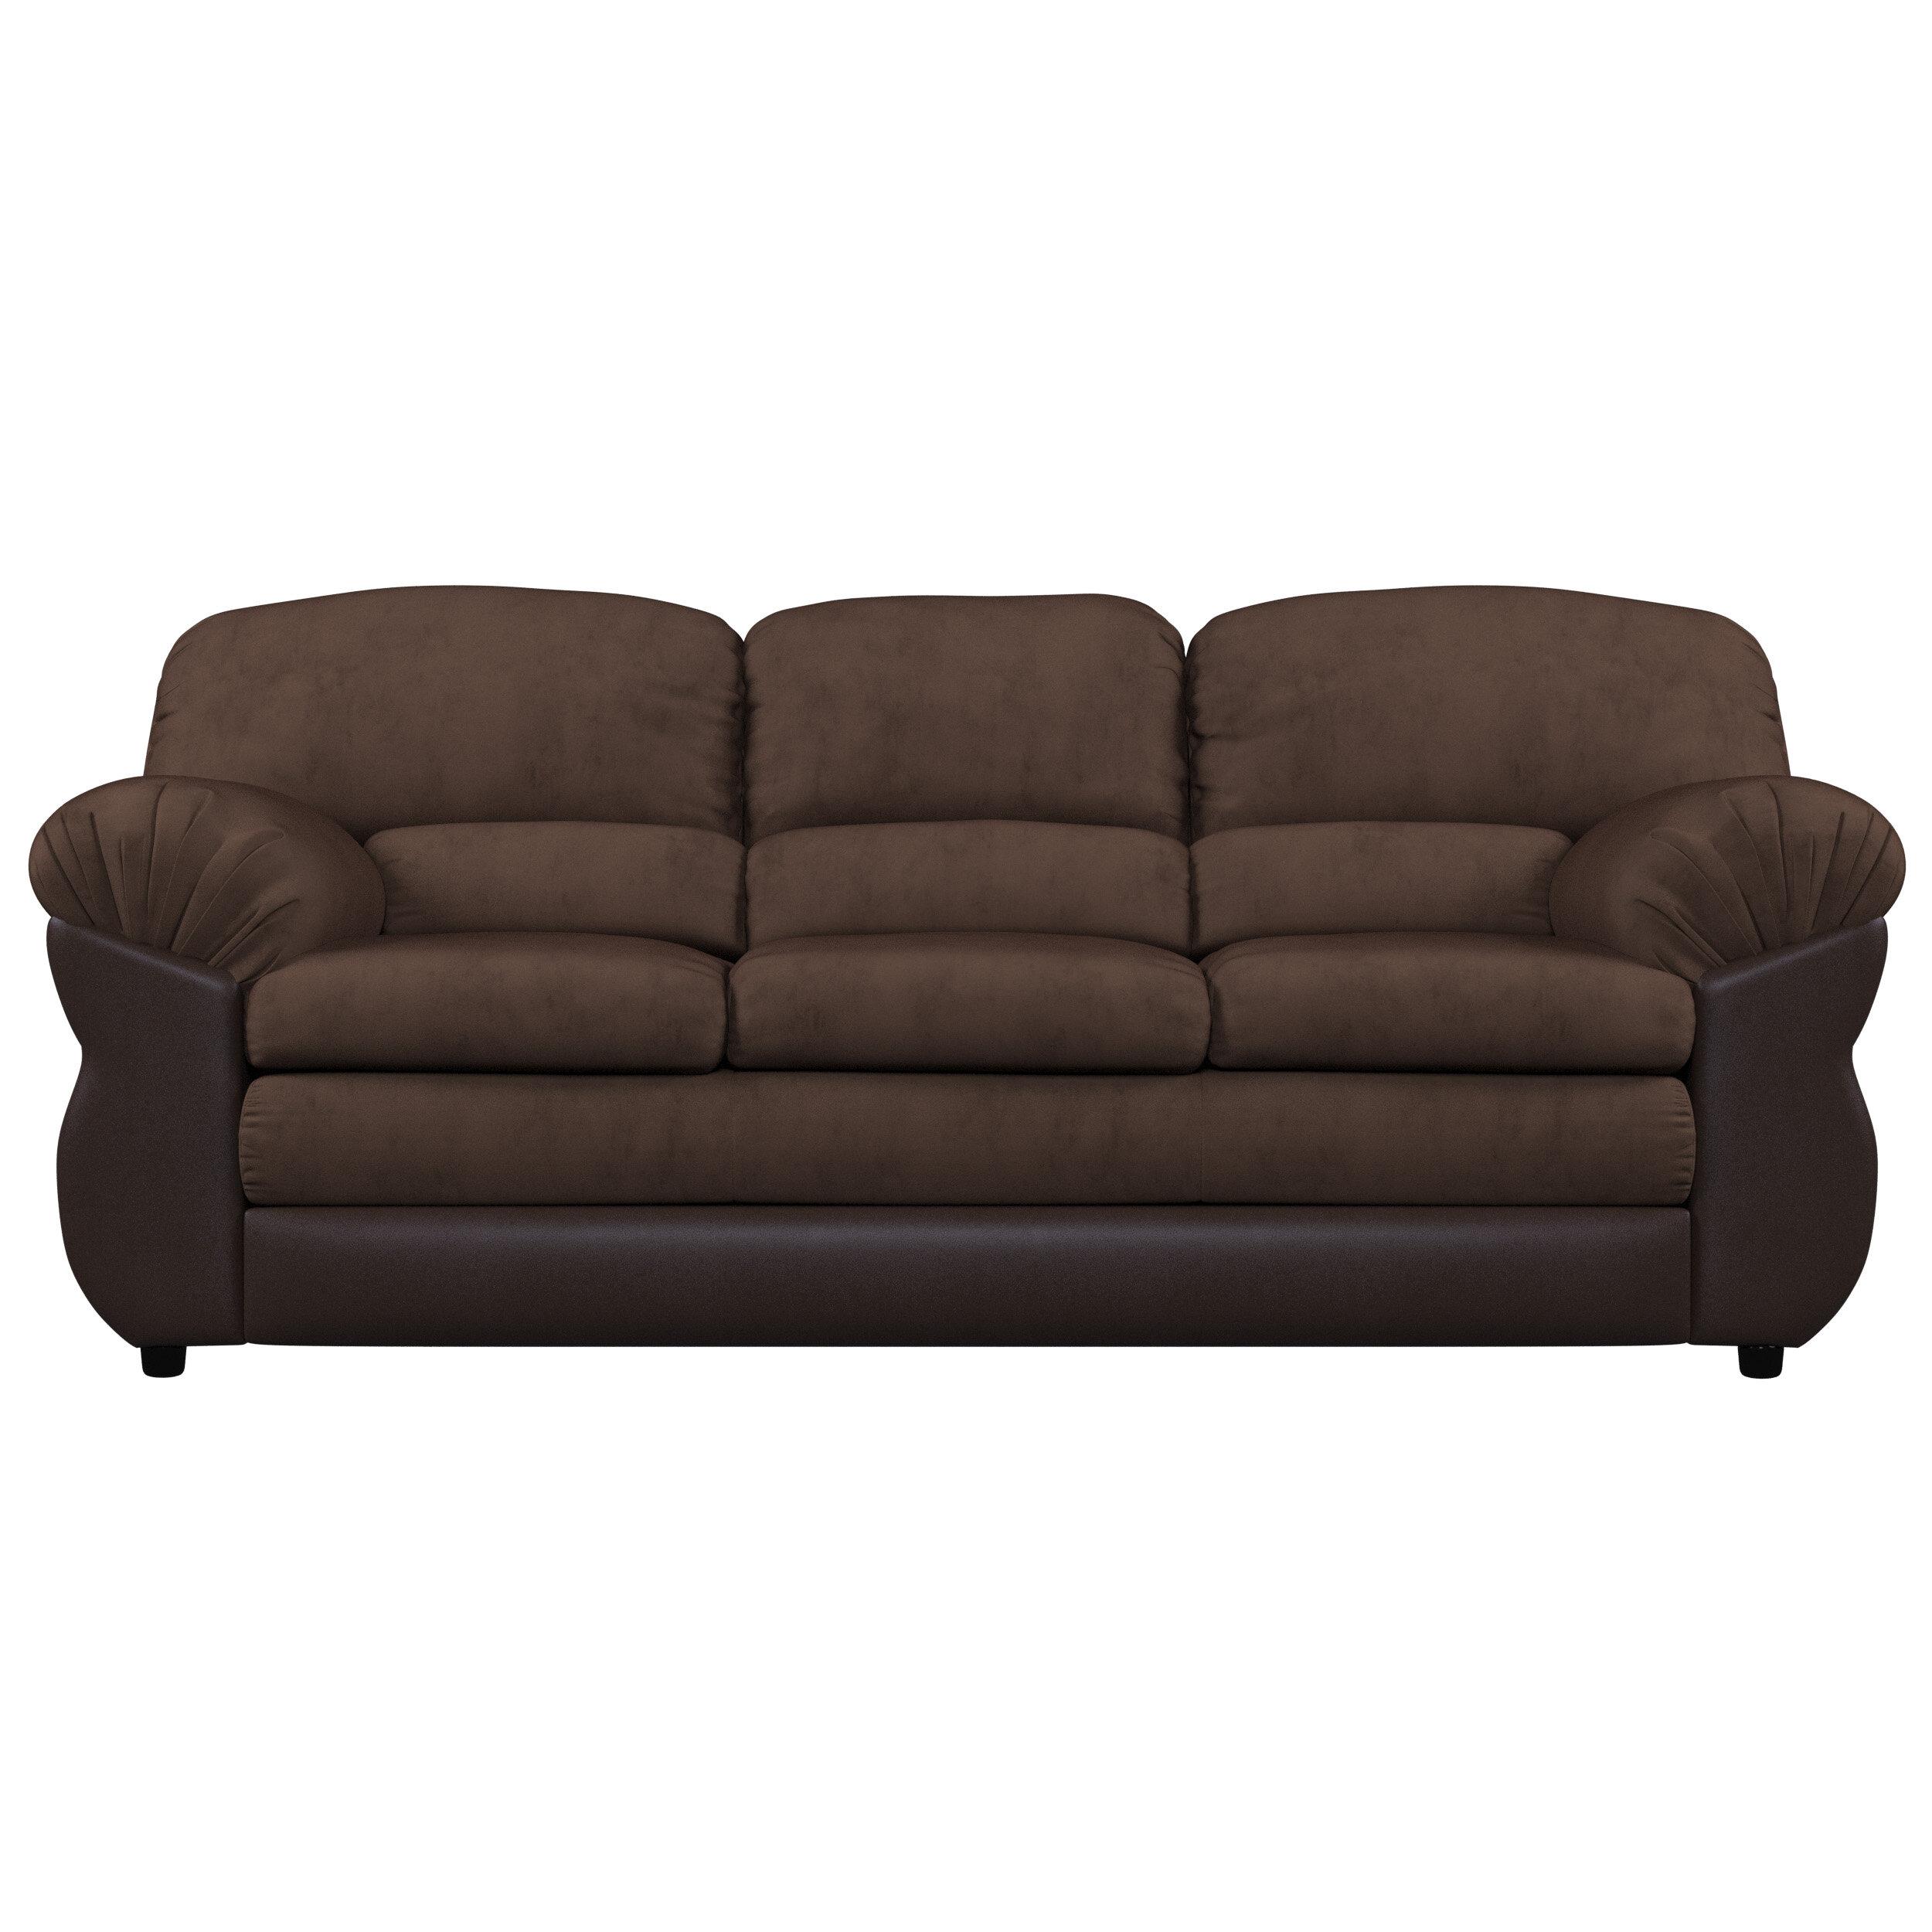 Piedmont Furniture Microfiber 86 Pillow Top Arm Sofa Reviews Wayfair